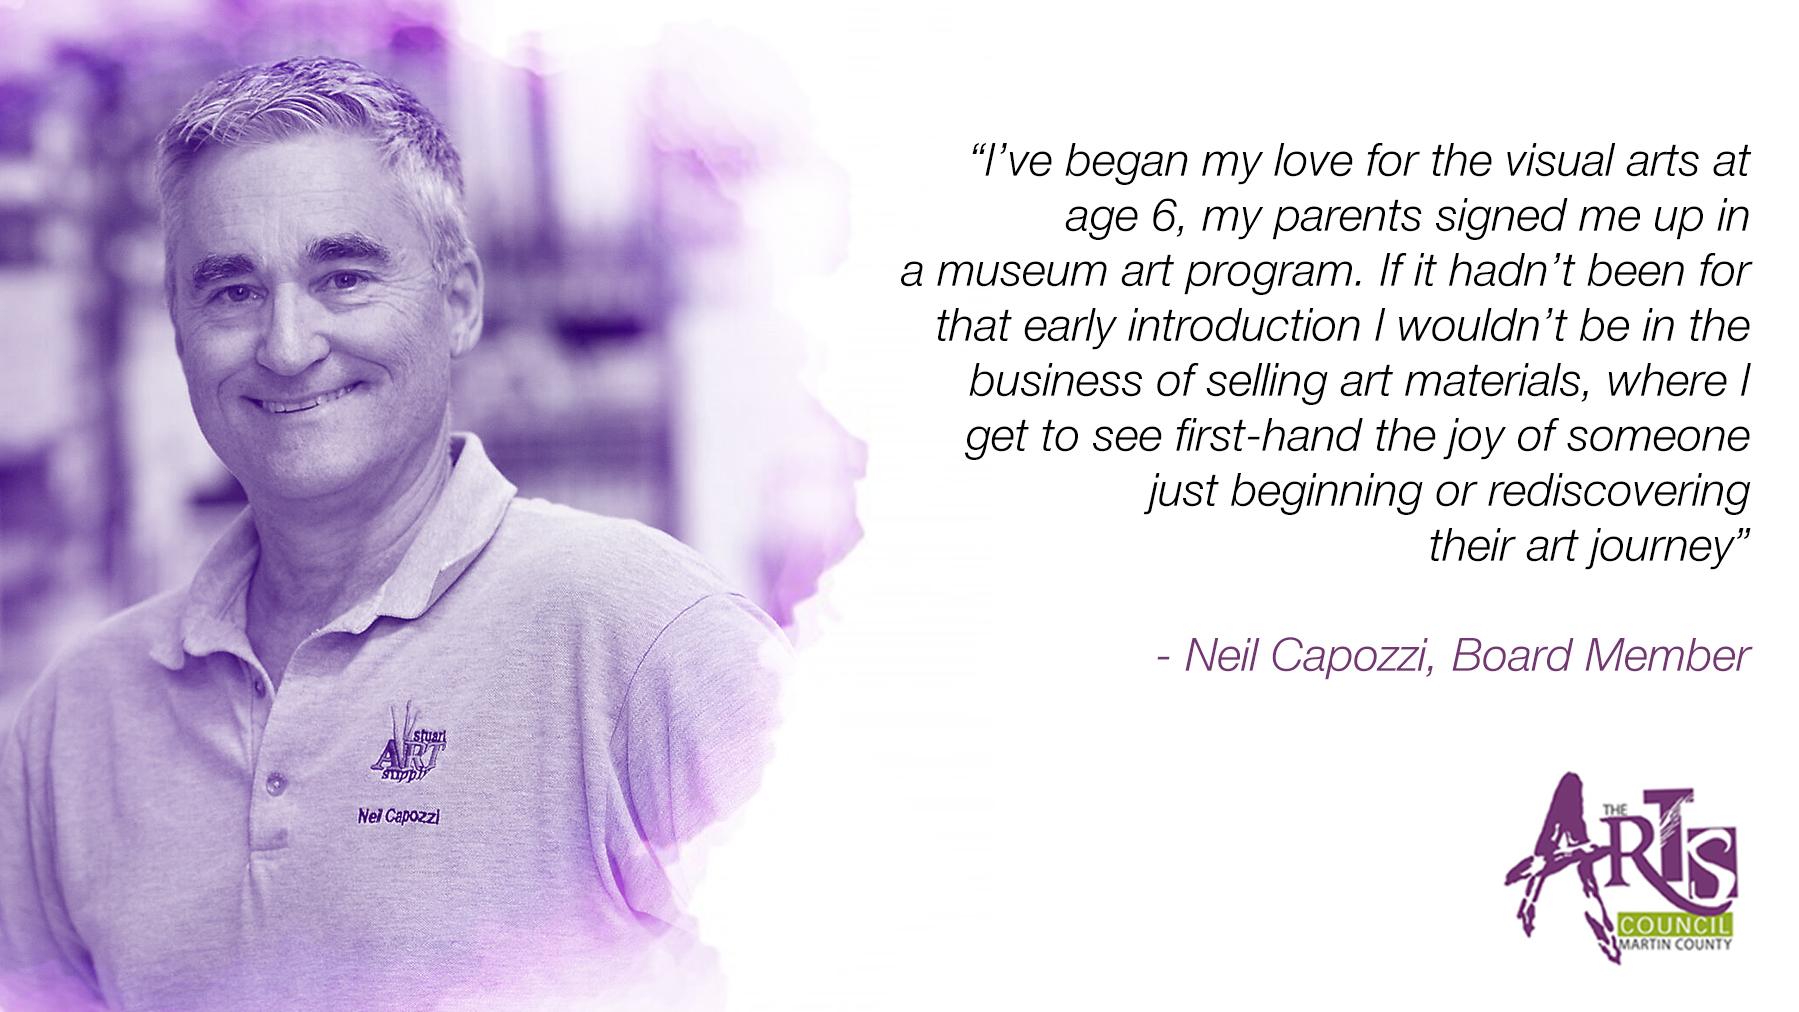 Neil Capozzi